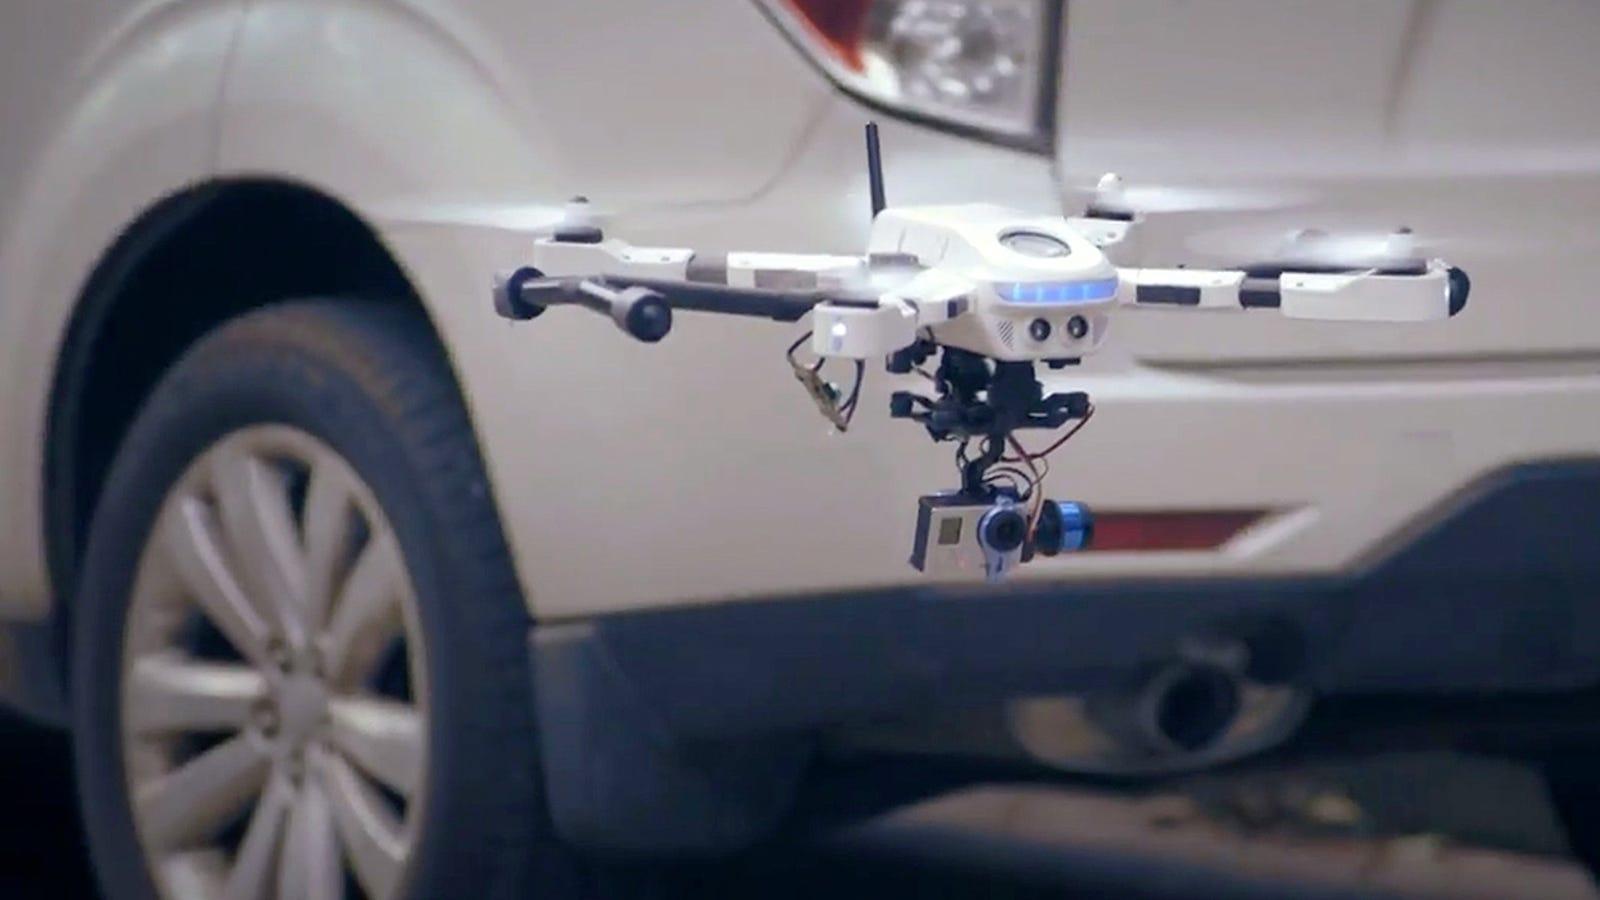 Este dron de fotografía se ensambla por completo como un Lego